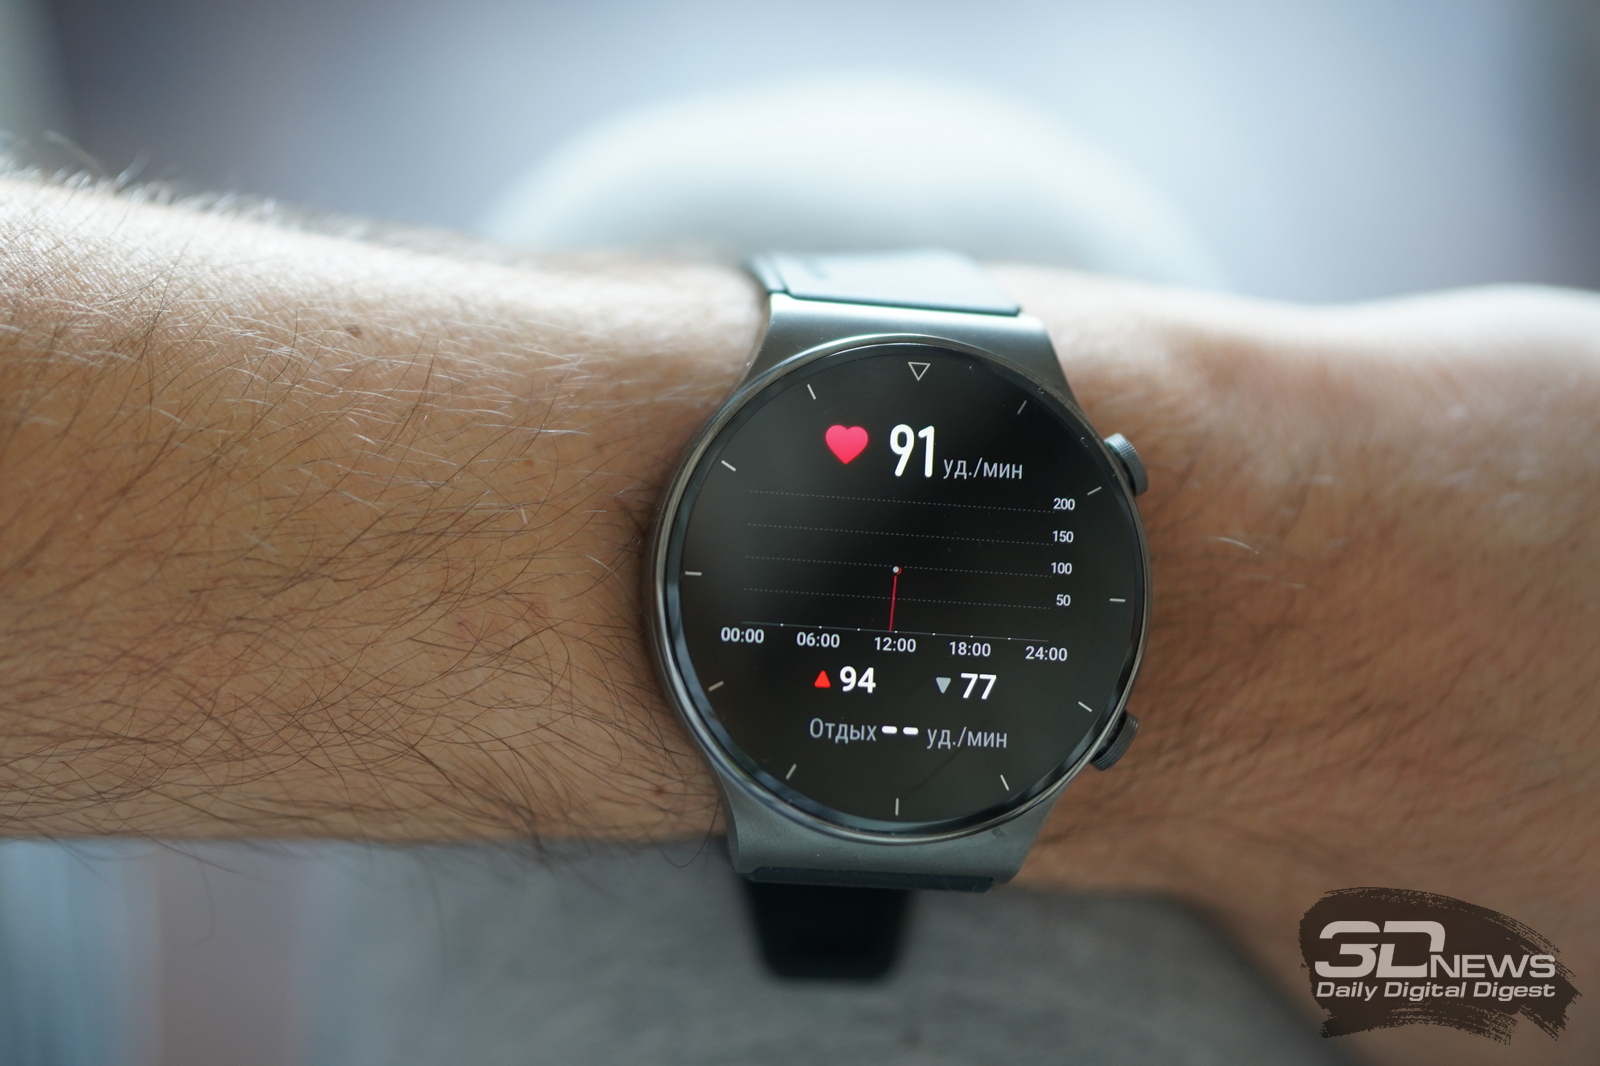 Две недели без подзарядки: обзор флагманских смарт-часов huawei watch gt 2 pro